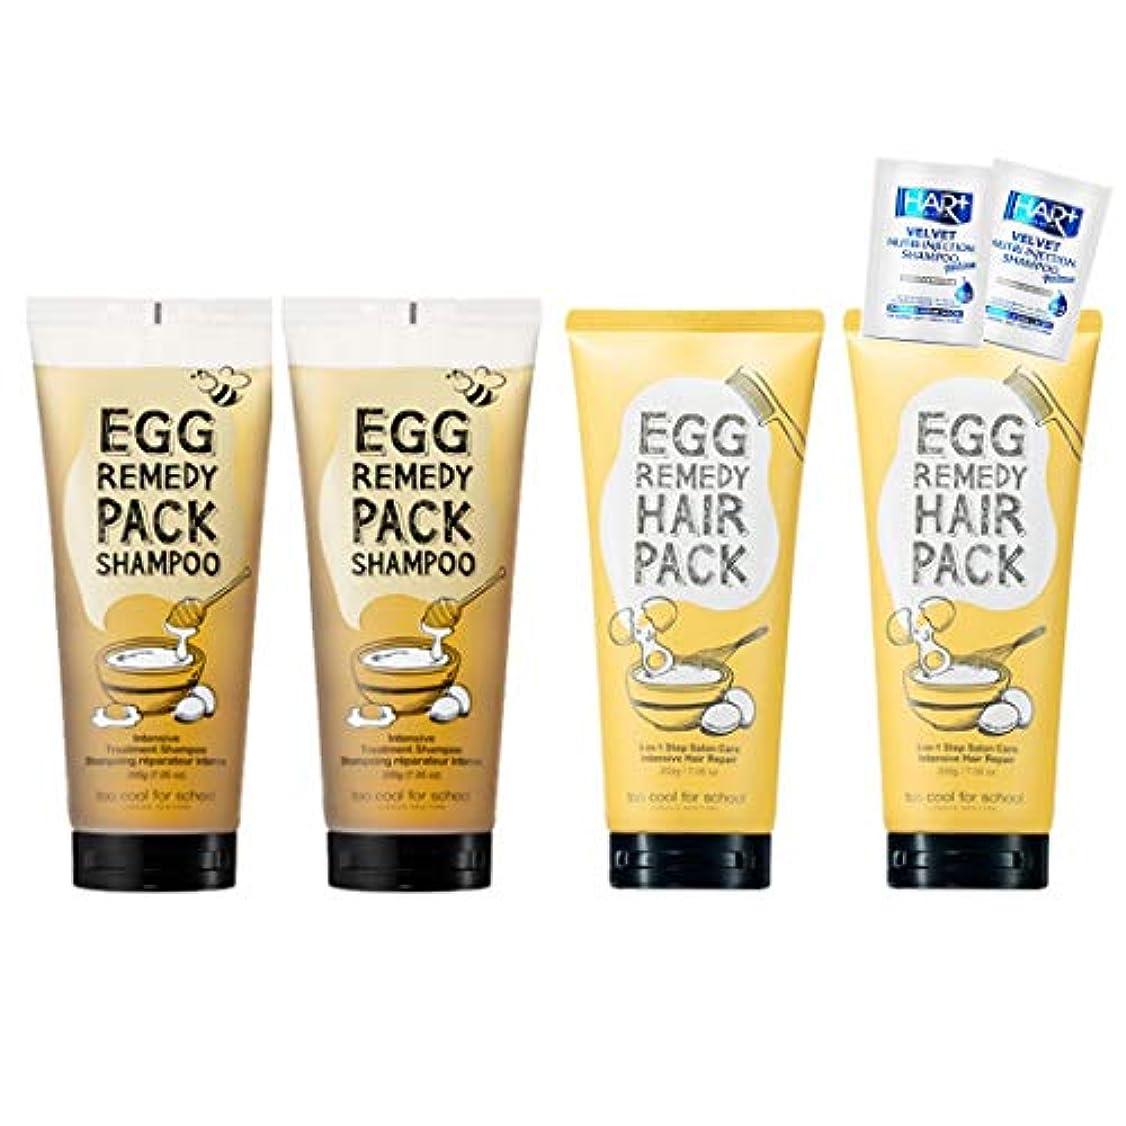 スタジアム操作結晶トゥークールフォ―スクール(too cool for school)/エッグレミディパックシャンプーtoo cool for school Egg Remedy Pack Shampoo 200ml X 2EA + エッグレミディヘアパック...